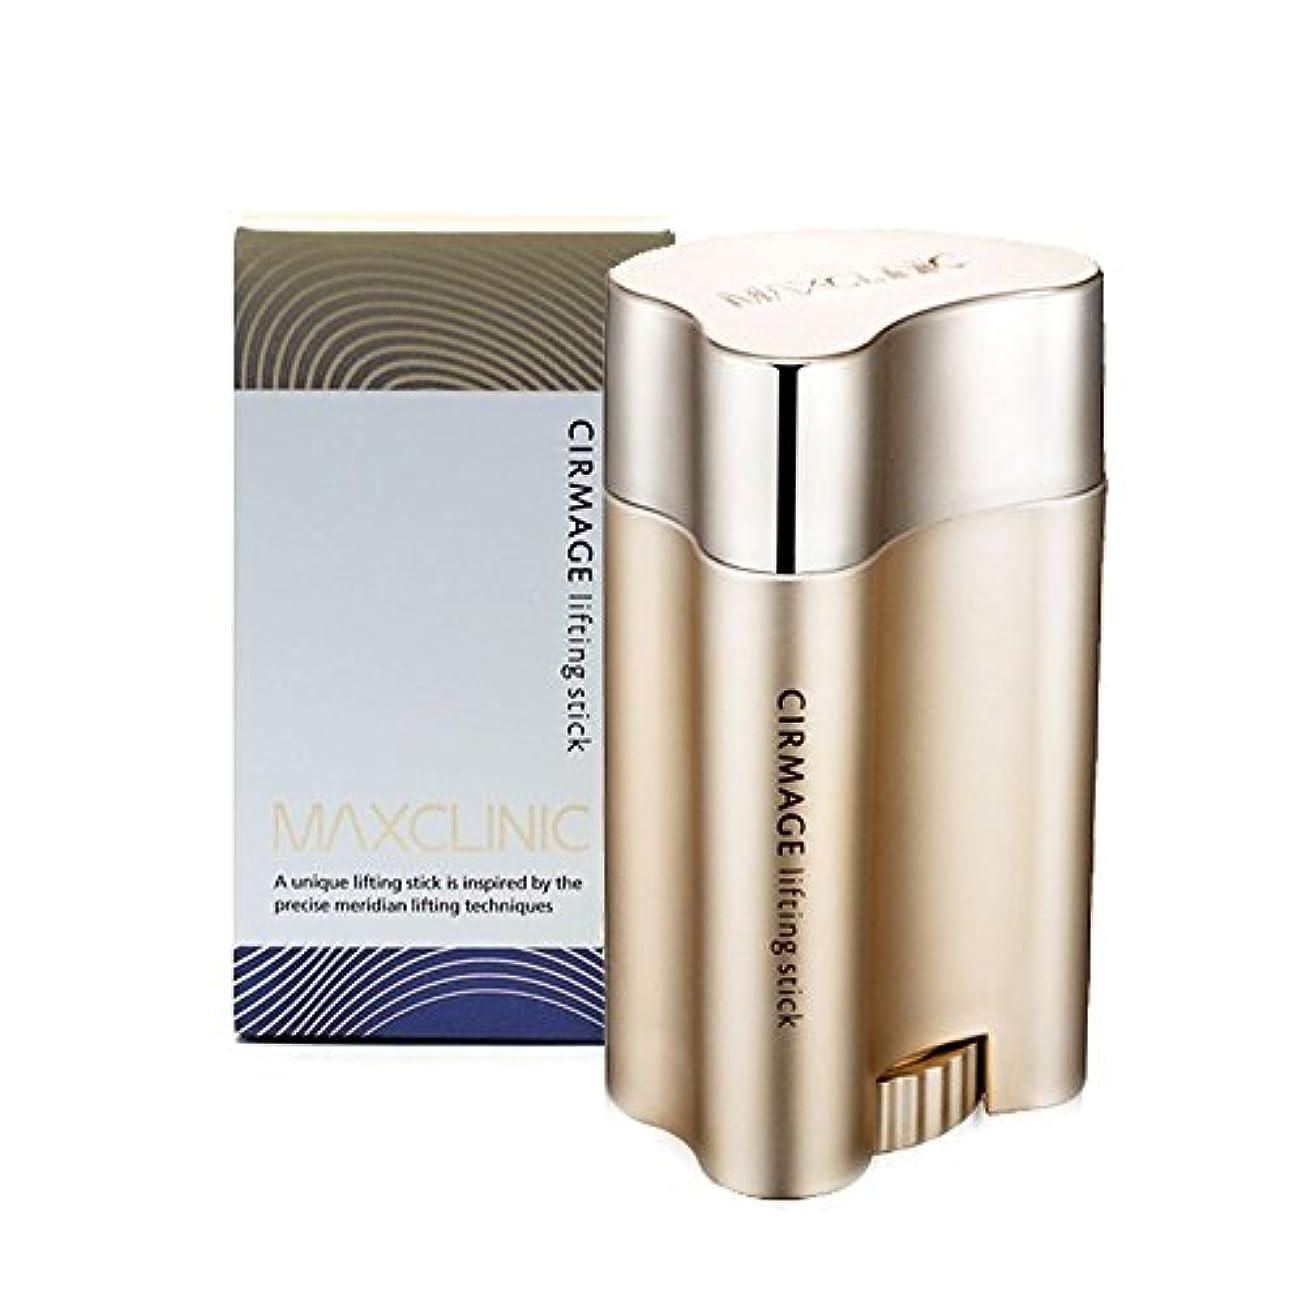 予算虐待特別なMAXCLINIC マックスクリニック サーメージ リフティング スティック 23g(Cirmage Lifting Stick 23g)/Direct from Korea/w free Gift Sample [並行輸入品]